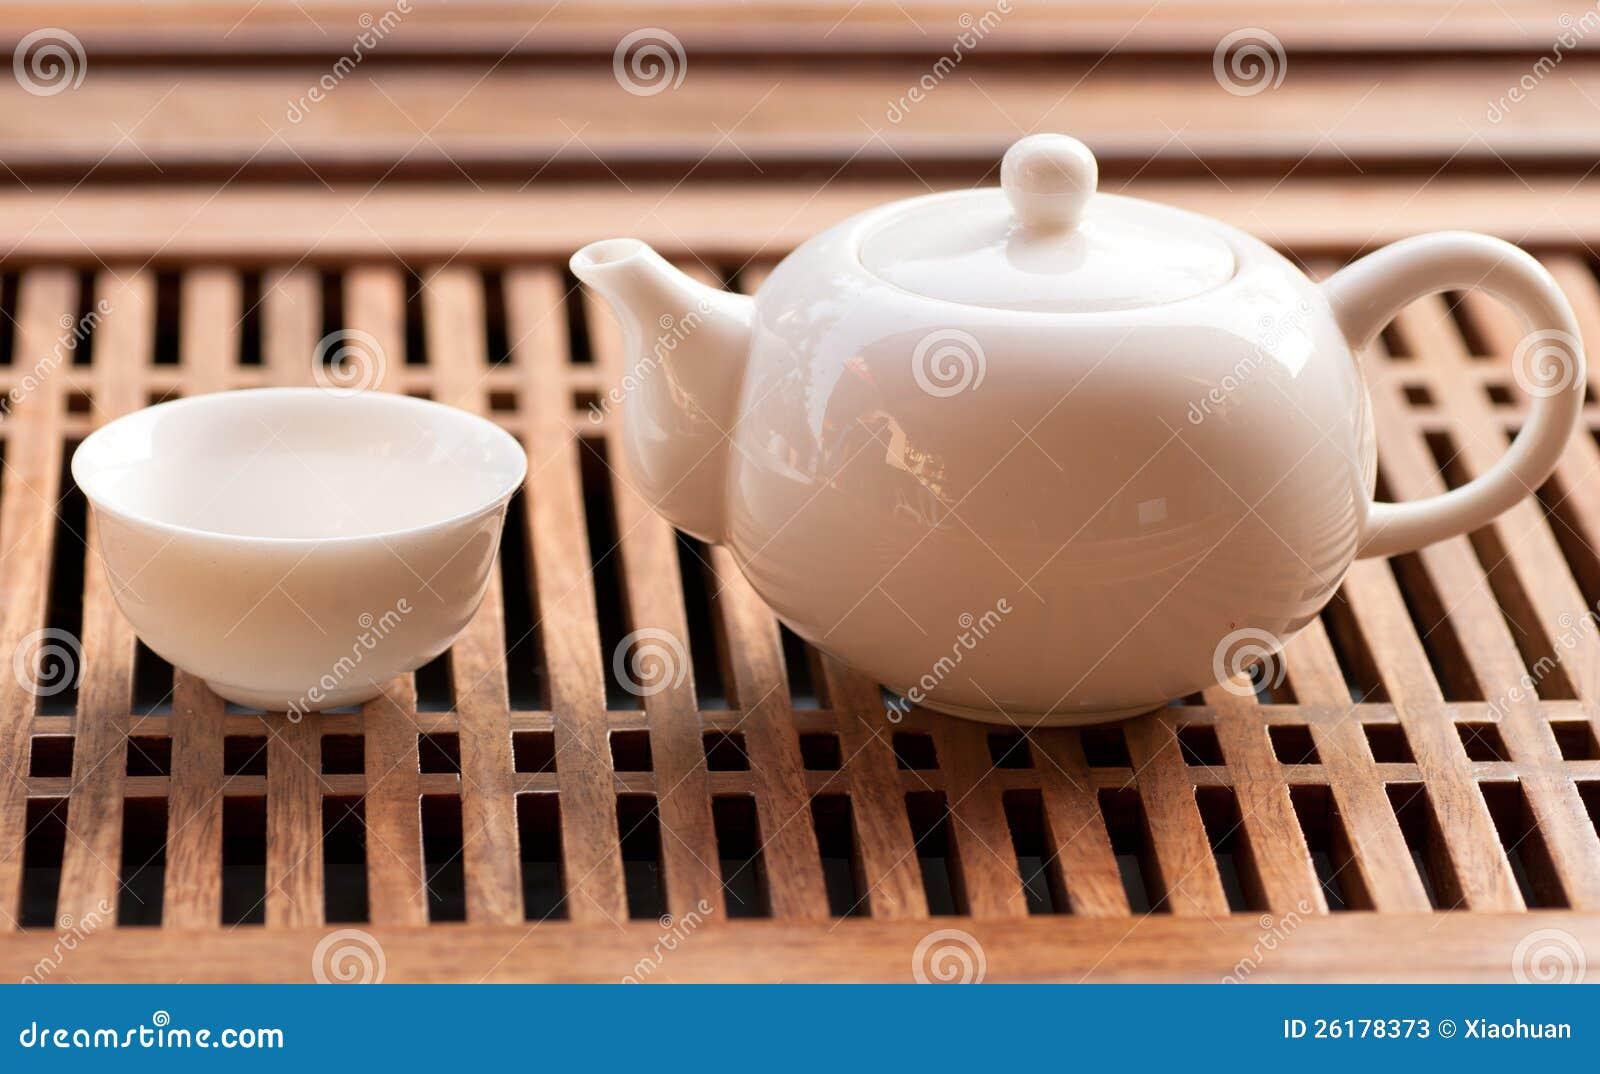 茶杯和茶壶图片